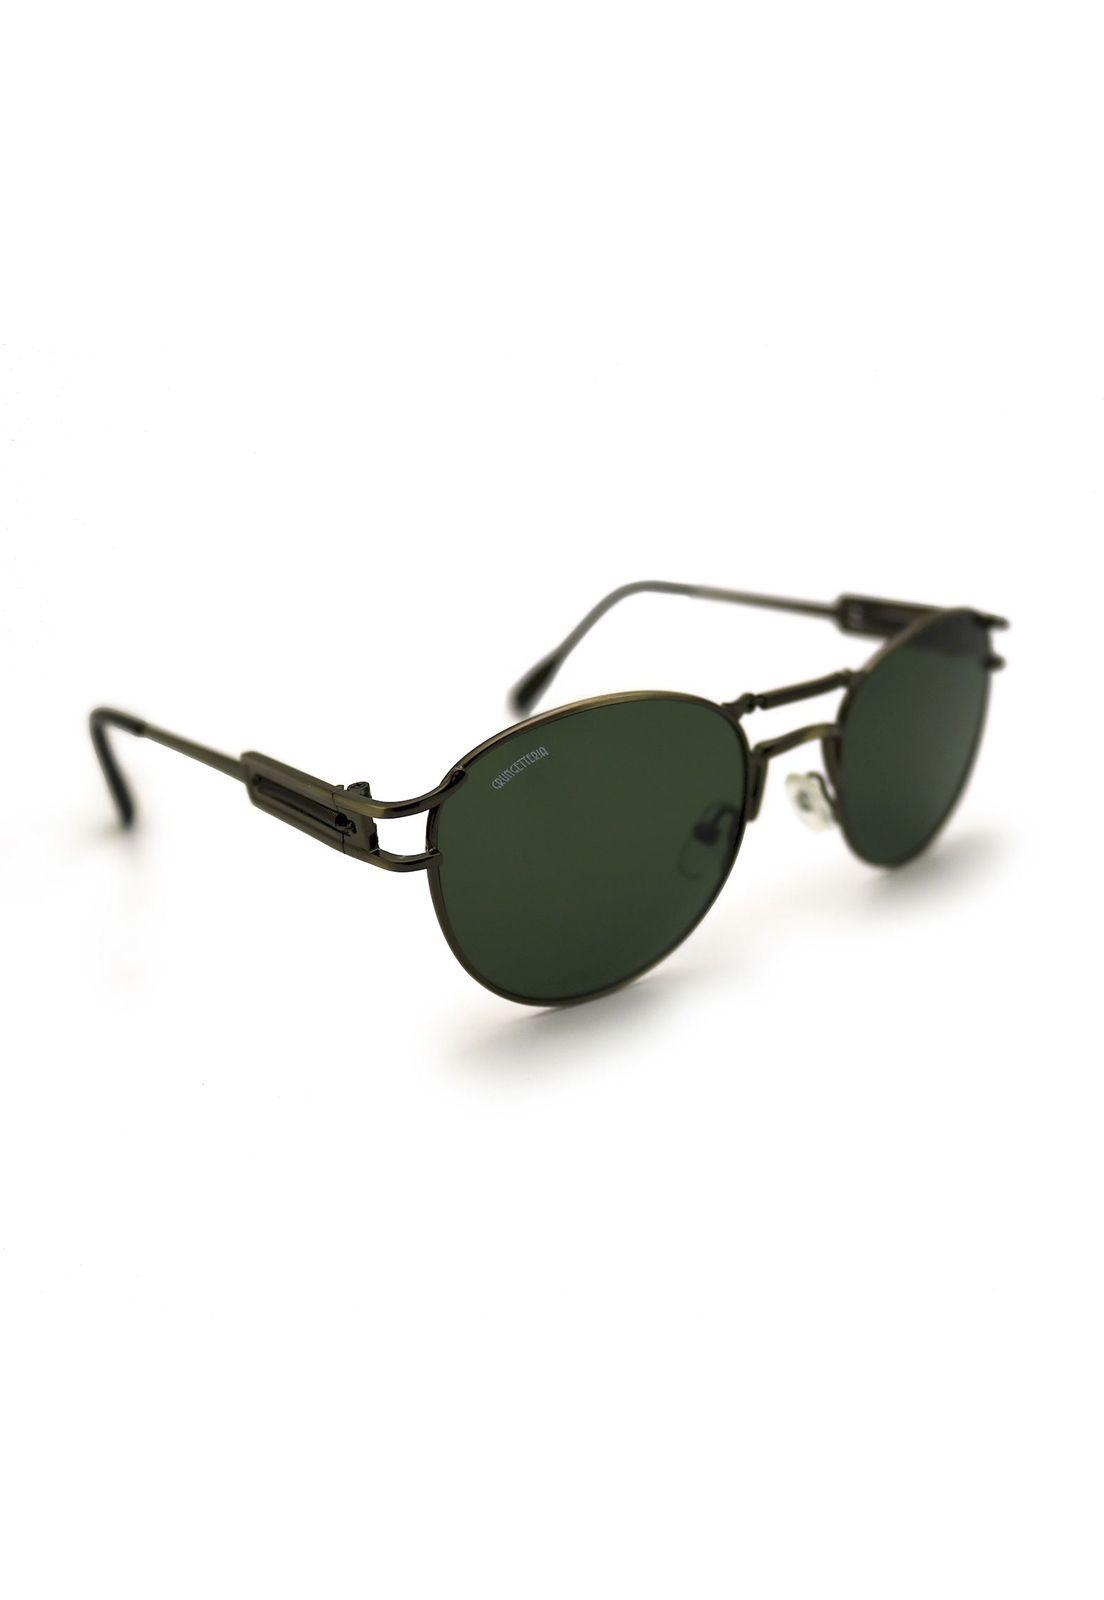 Óculos de Sol Grungetteria Verne II Verde